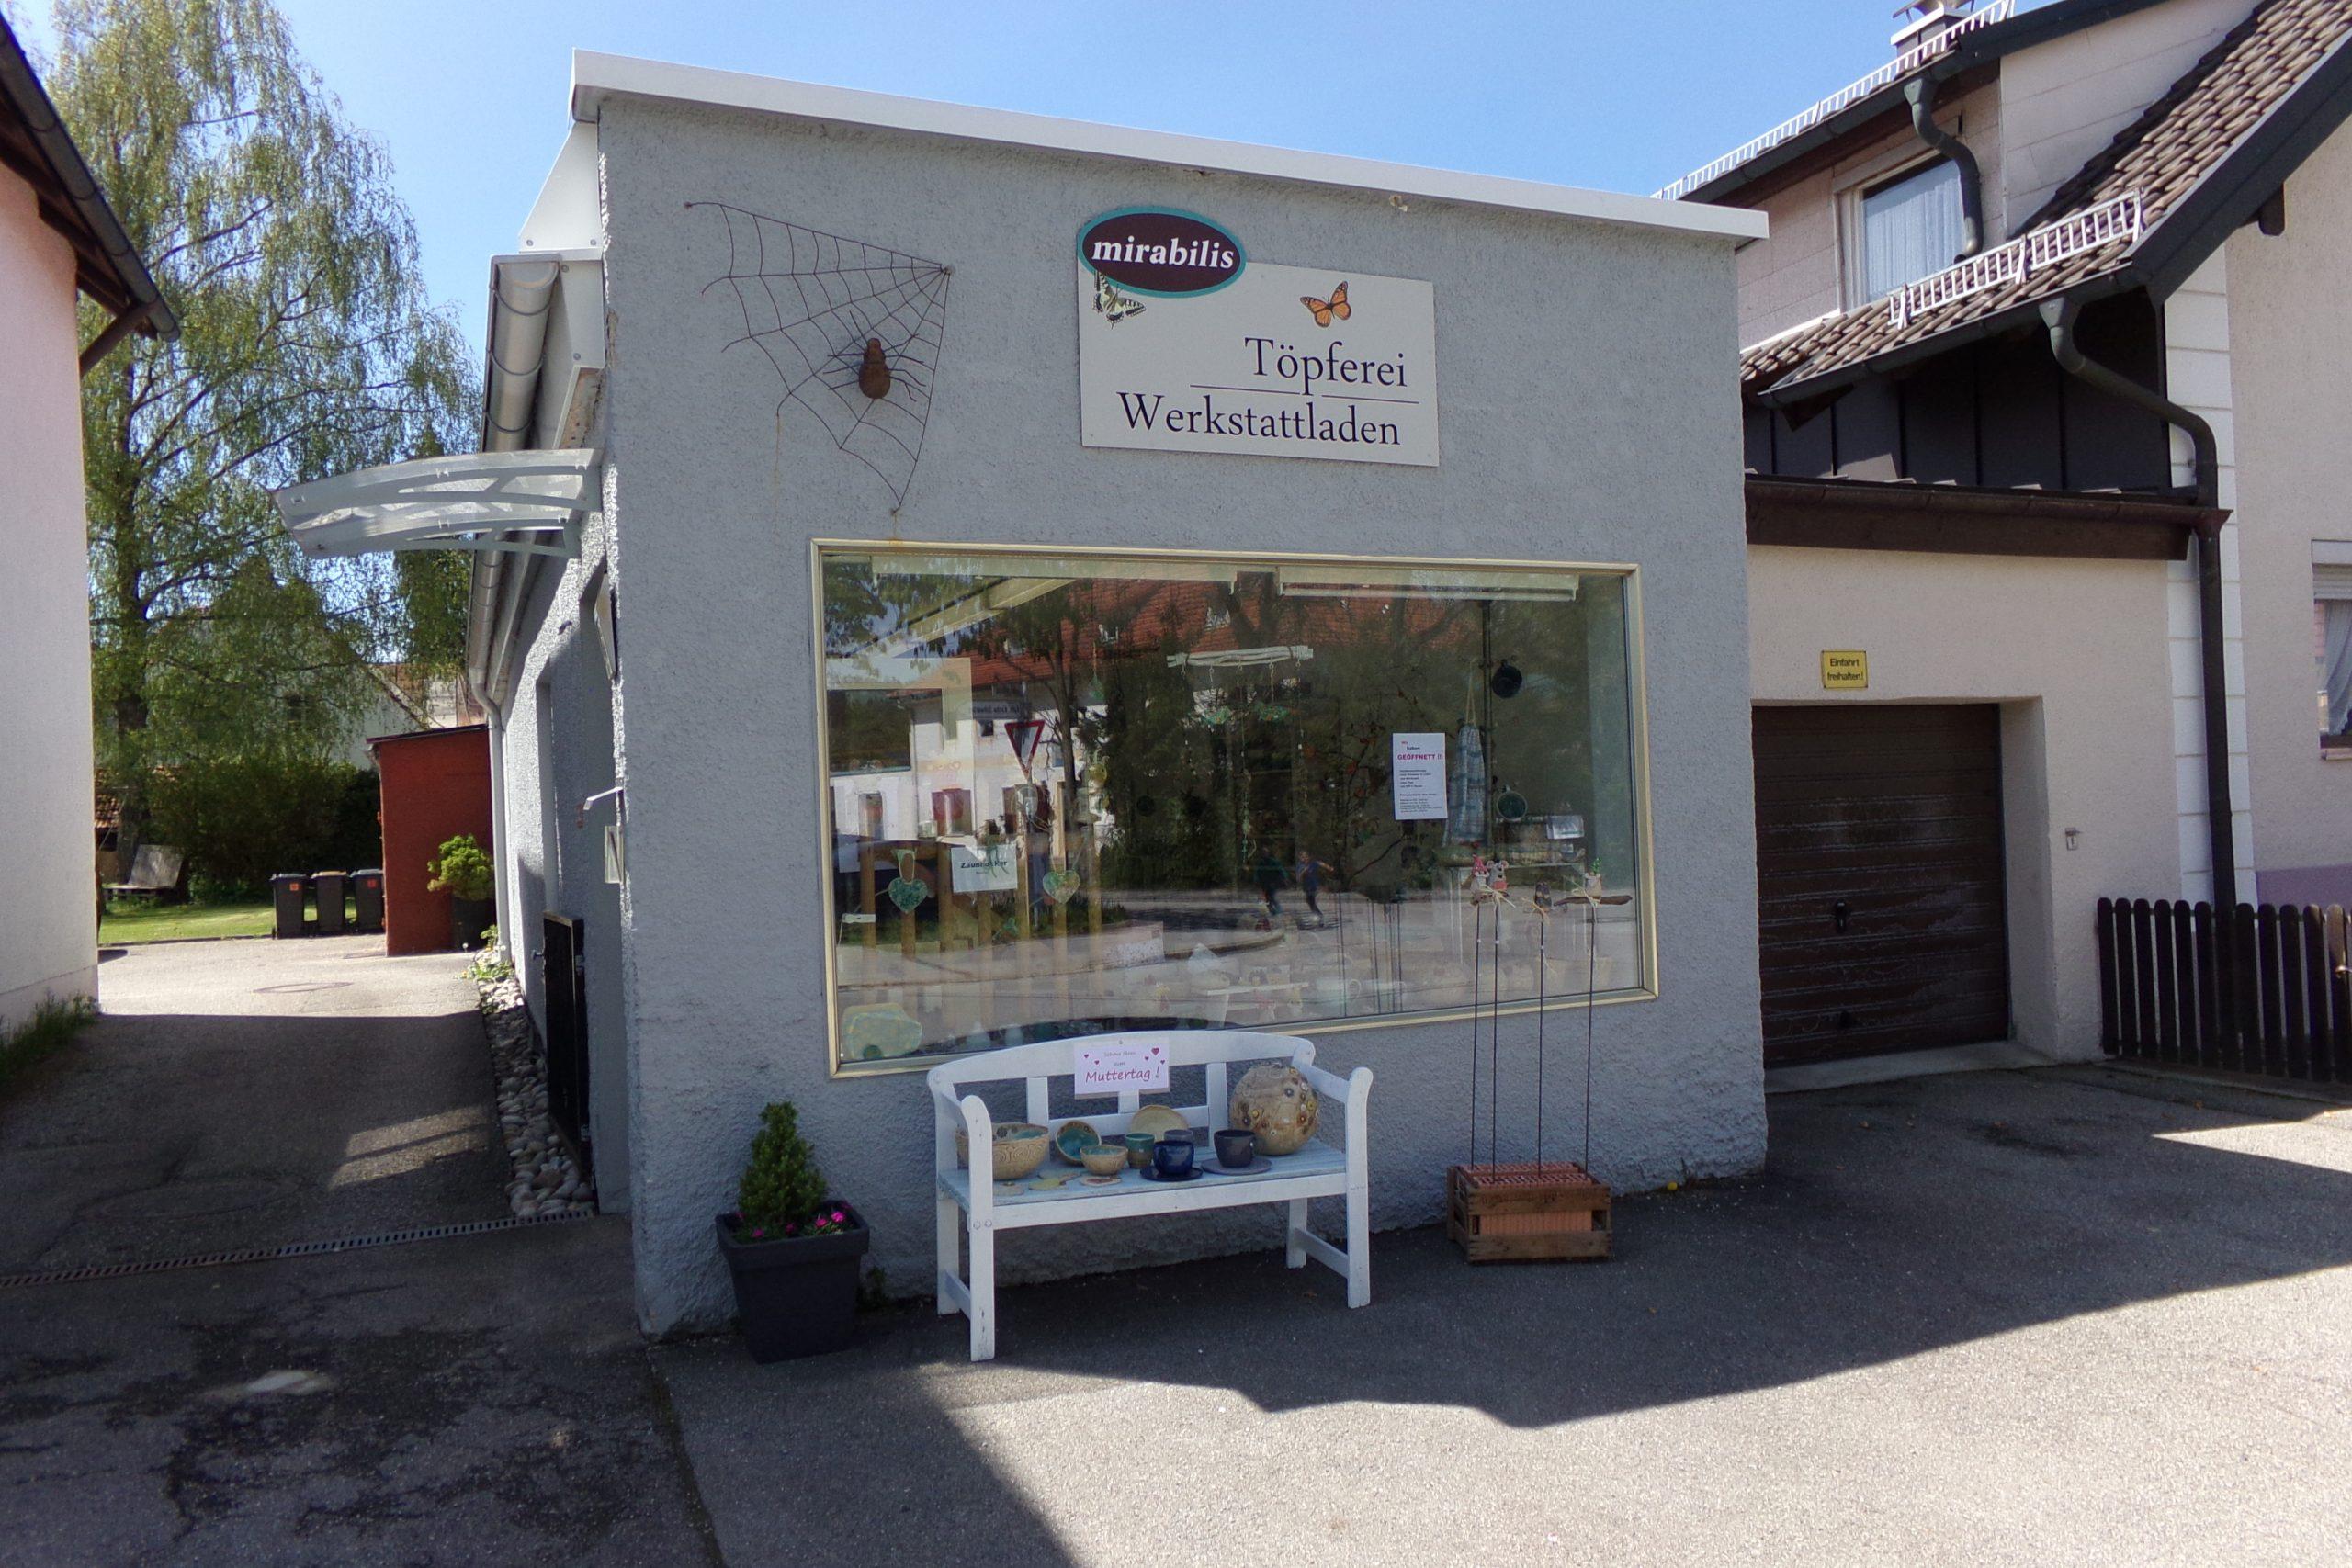 Ladengeschäft Töpferei mirabilis trostberg im Chiemgau